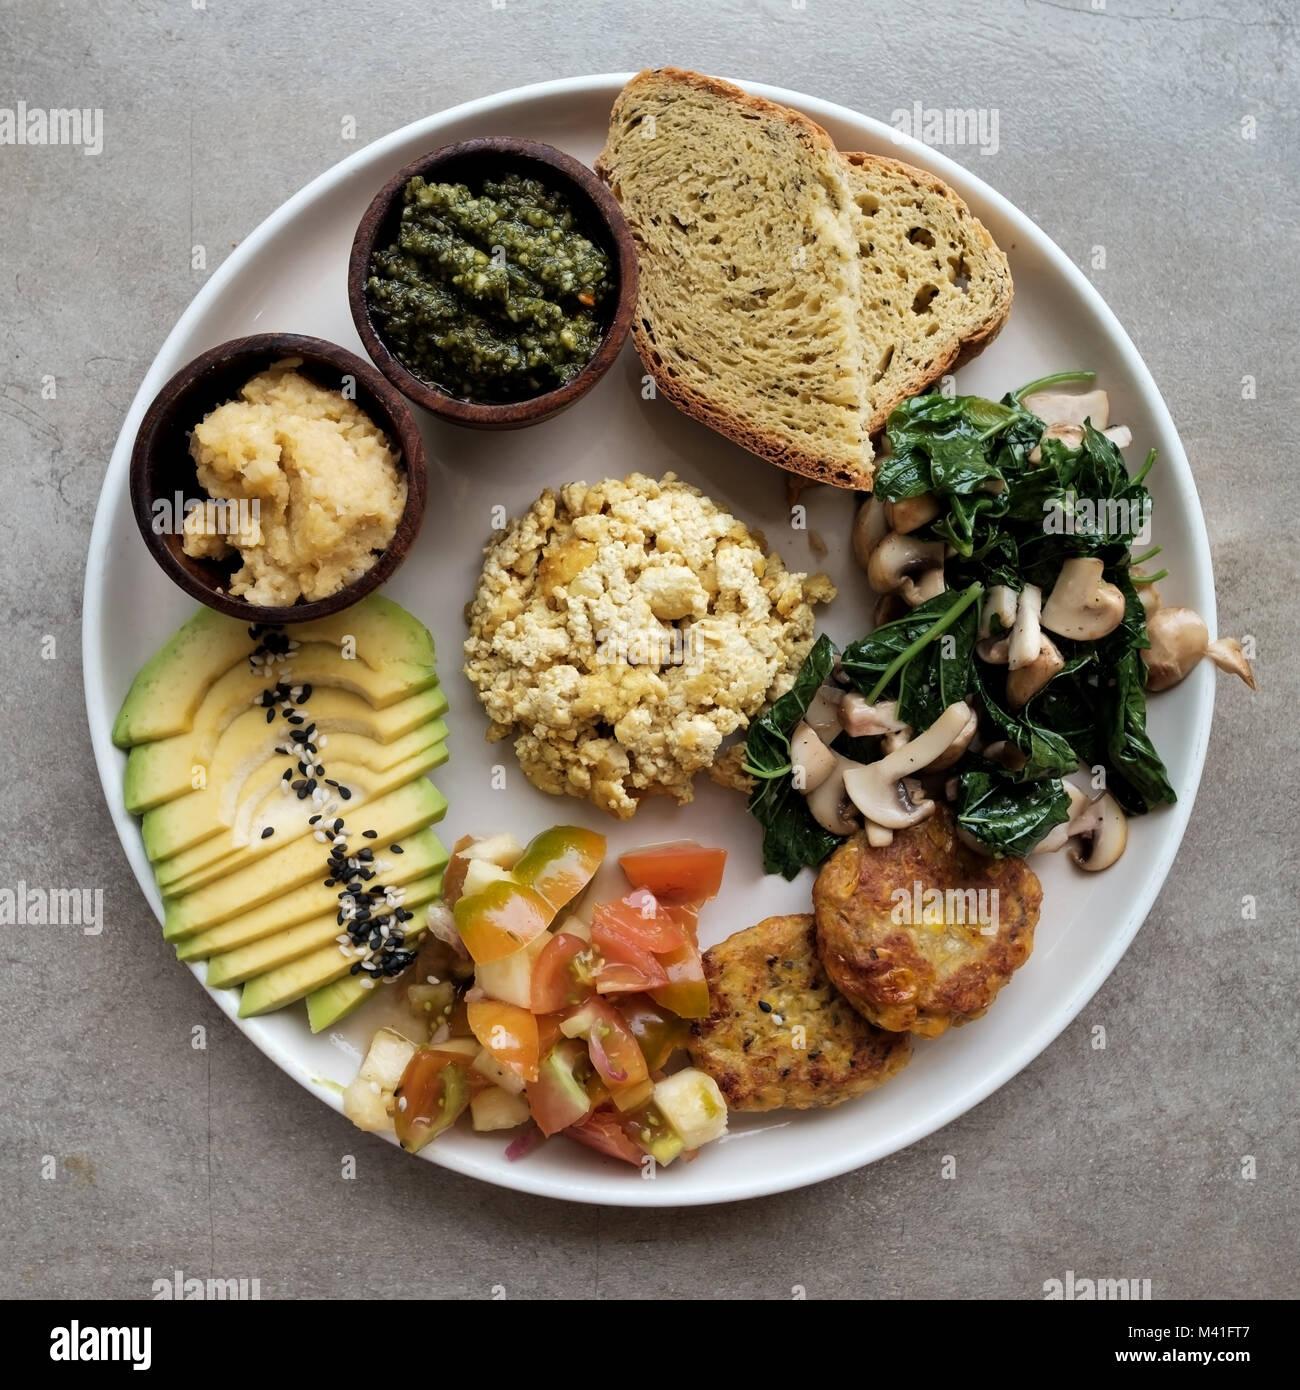 Vegan Tofu mit Avocado, Brot, Gemüse und Quelle close-up auf einem Teller. Stockbild